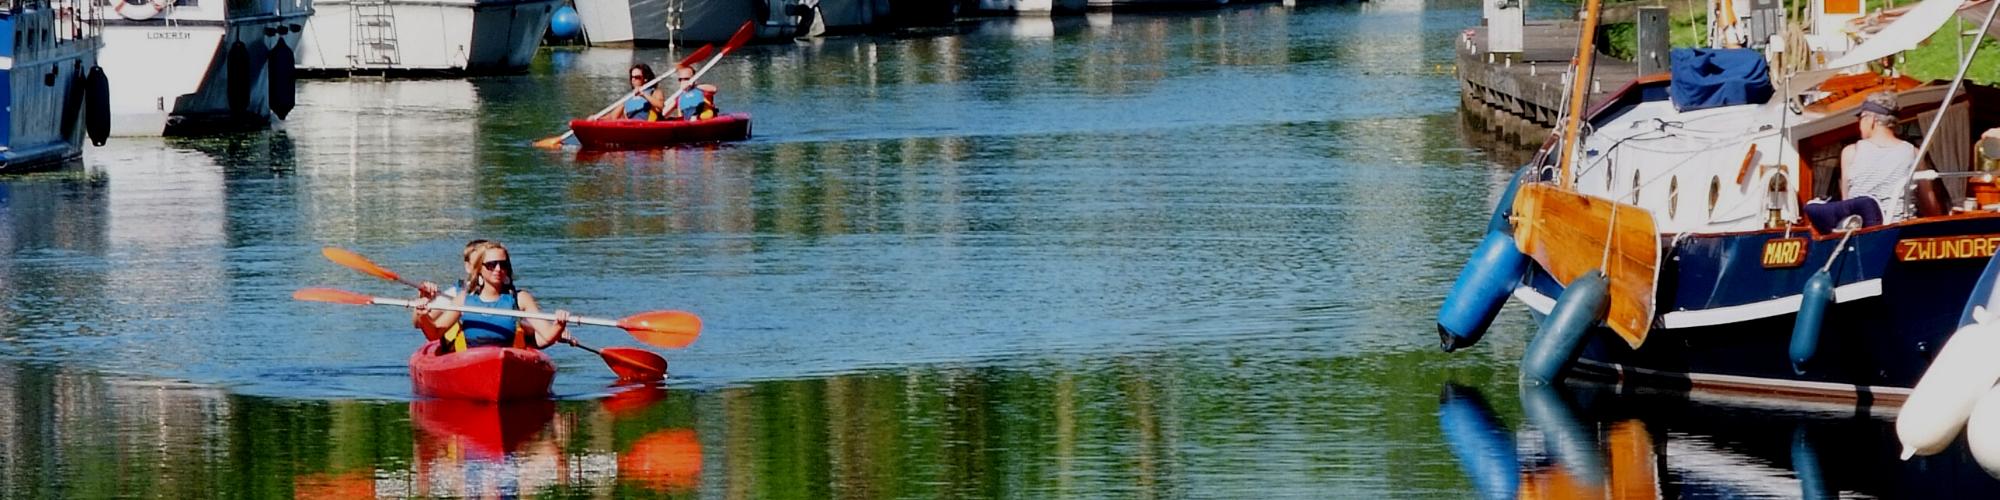 Ideeënoproep uitbating Parkpaviljoen Lokeren als watertoeristisch centrum